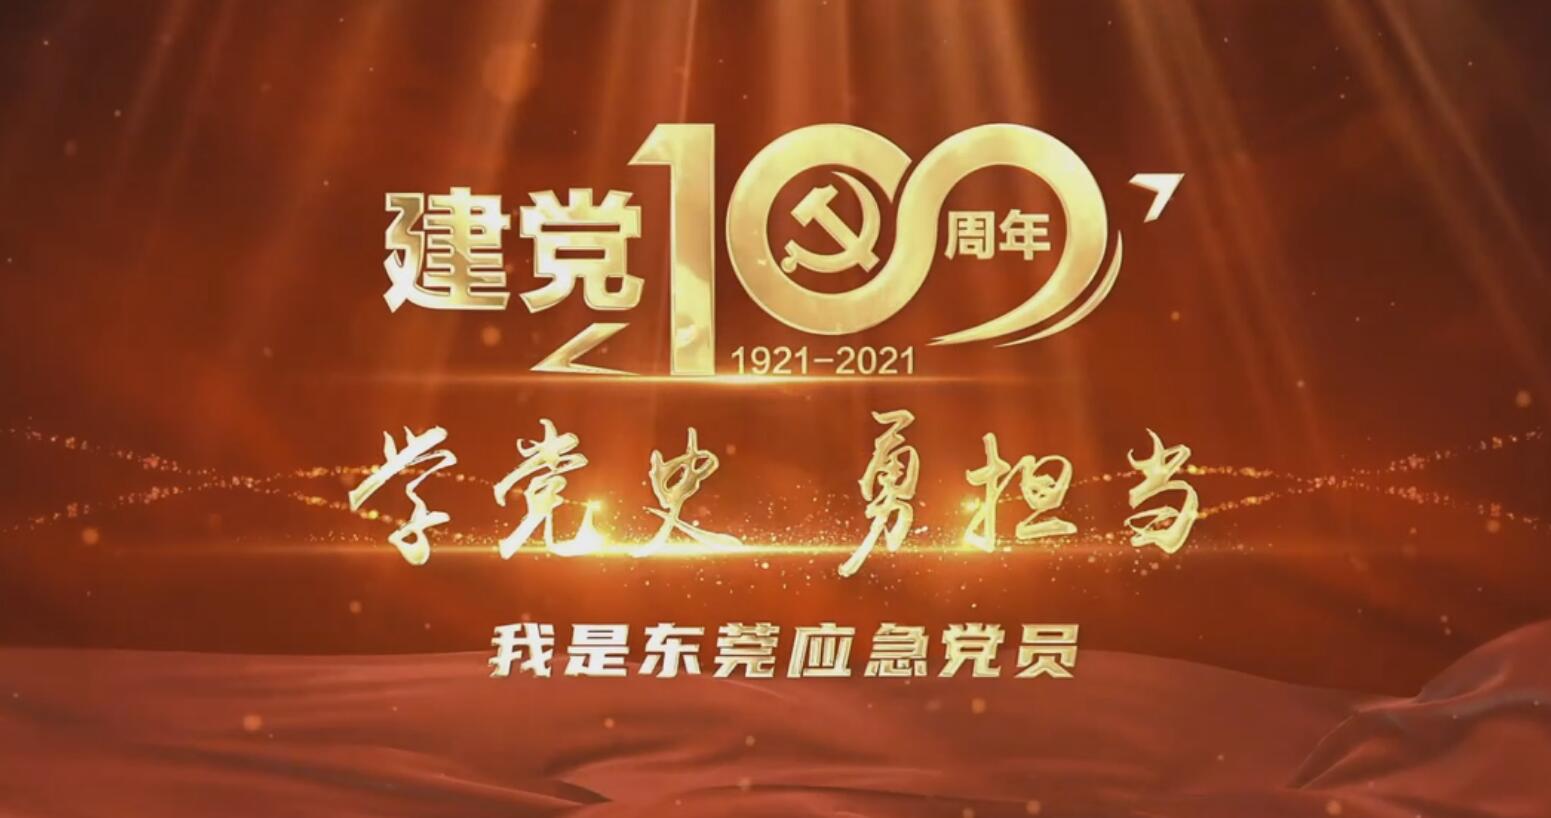 """东莞市应急管理局、东莞日报社联合推出""""我是东莞应急党员""""系列视频"""